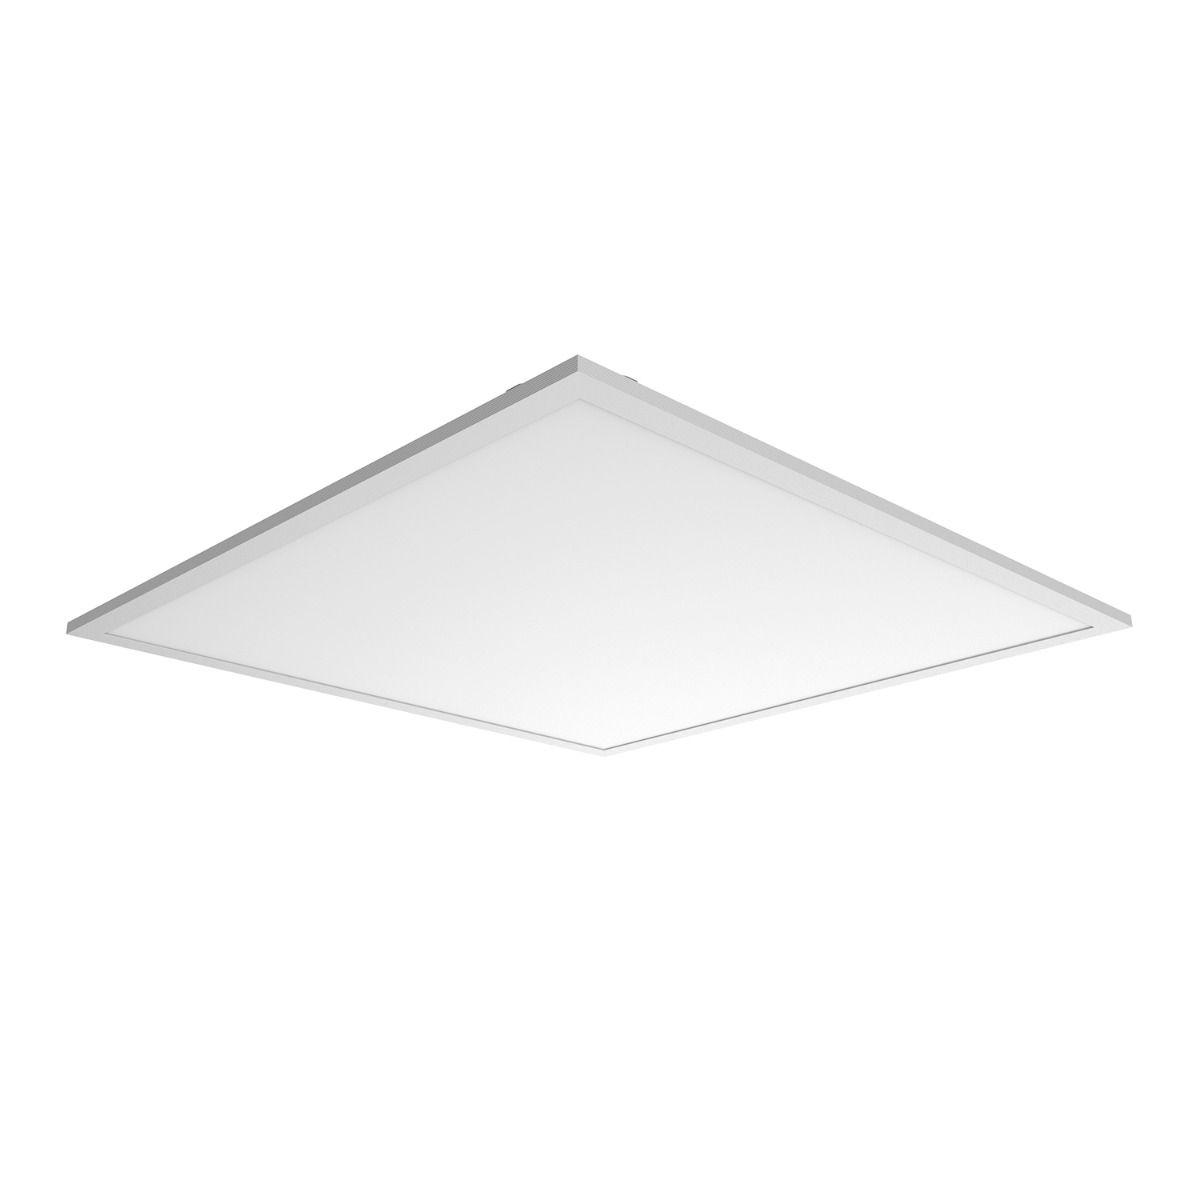 Noxion LED panel Delta Pro V3 30W 3000K 3960lm 60x60cm UGR <22   varm hvit - erstatter 4x18W